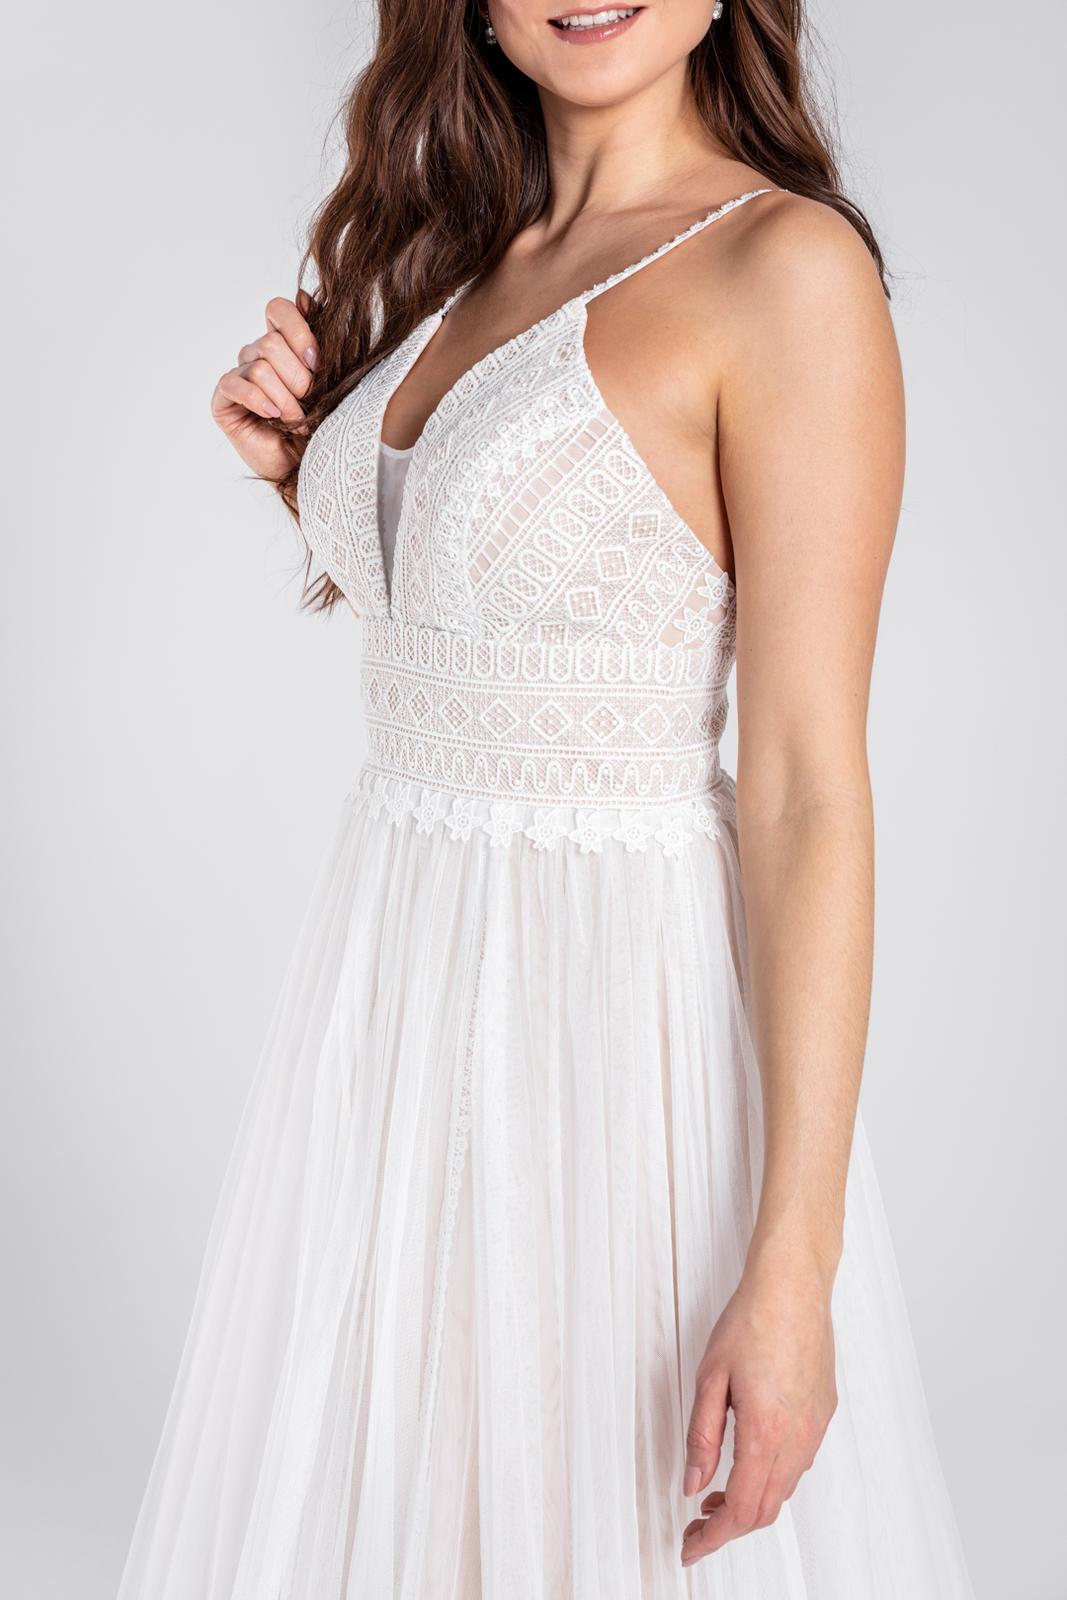 Dokonale svatební šaty v boho stylu 36-42 - Obrázek č. 1